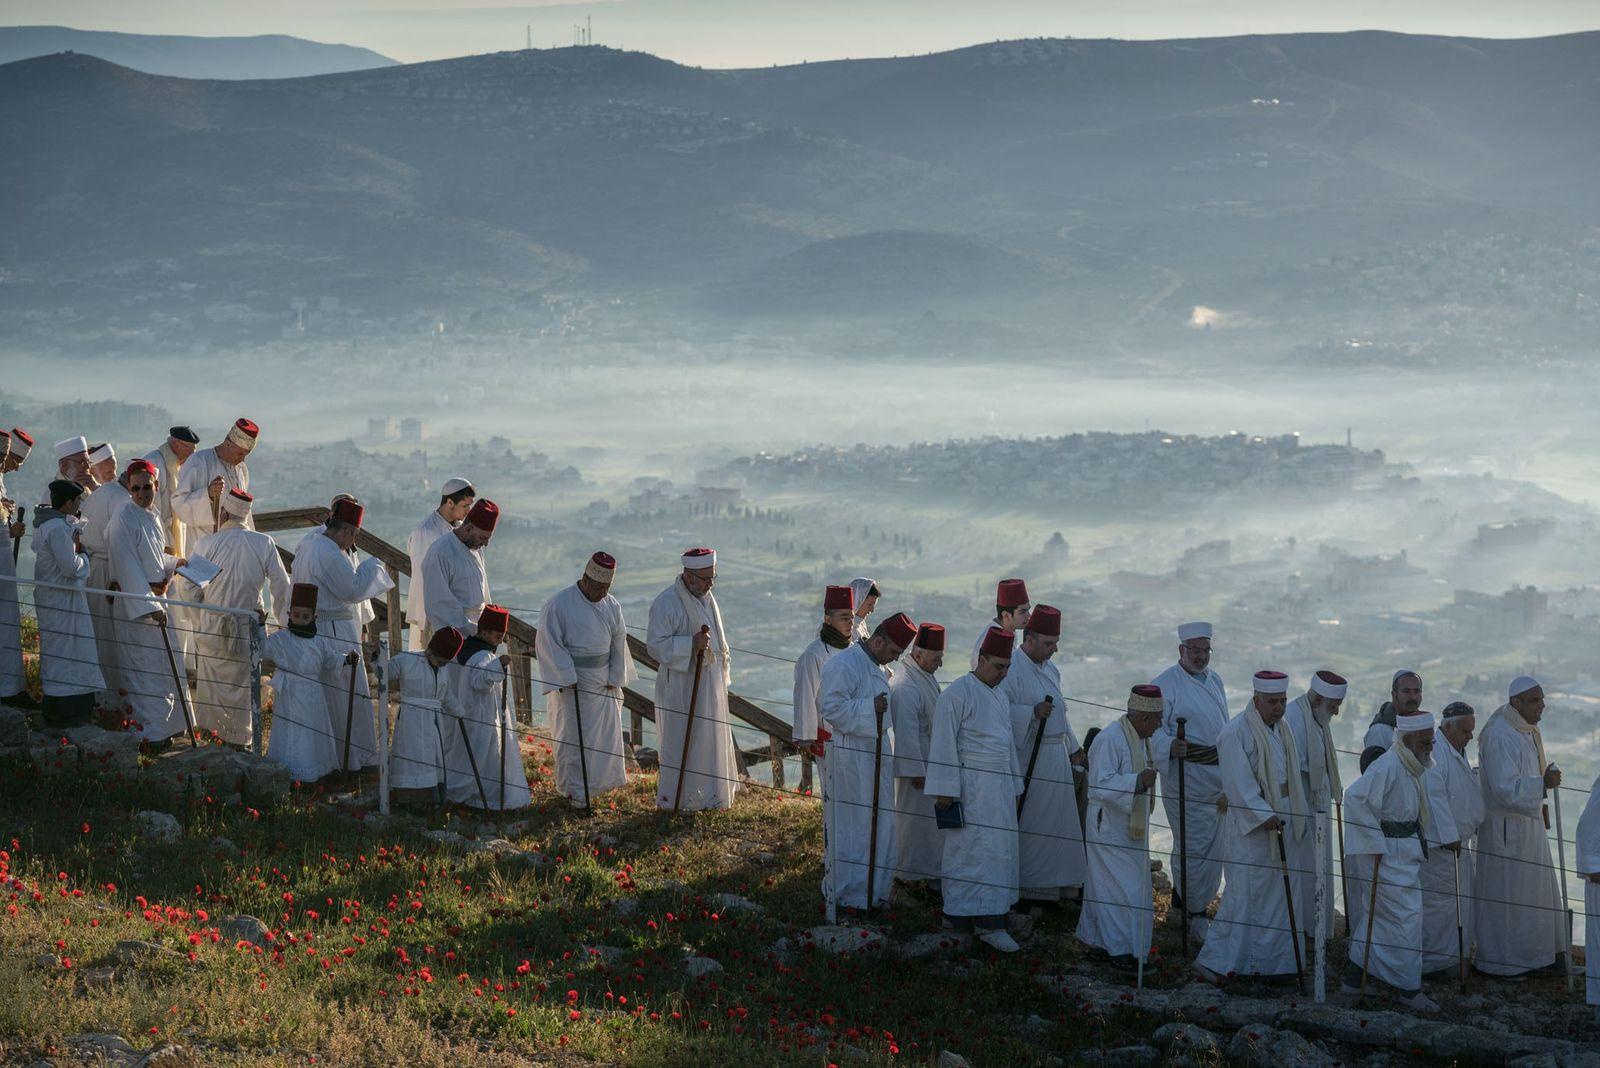 La véritable histoire de Jésus : ce que révèle l'archéologie